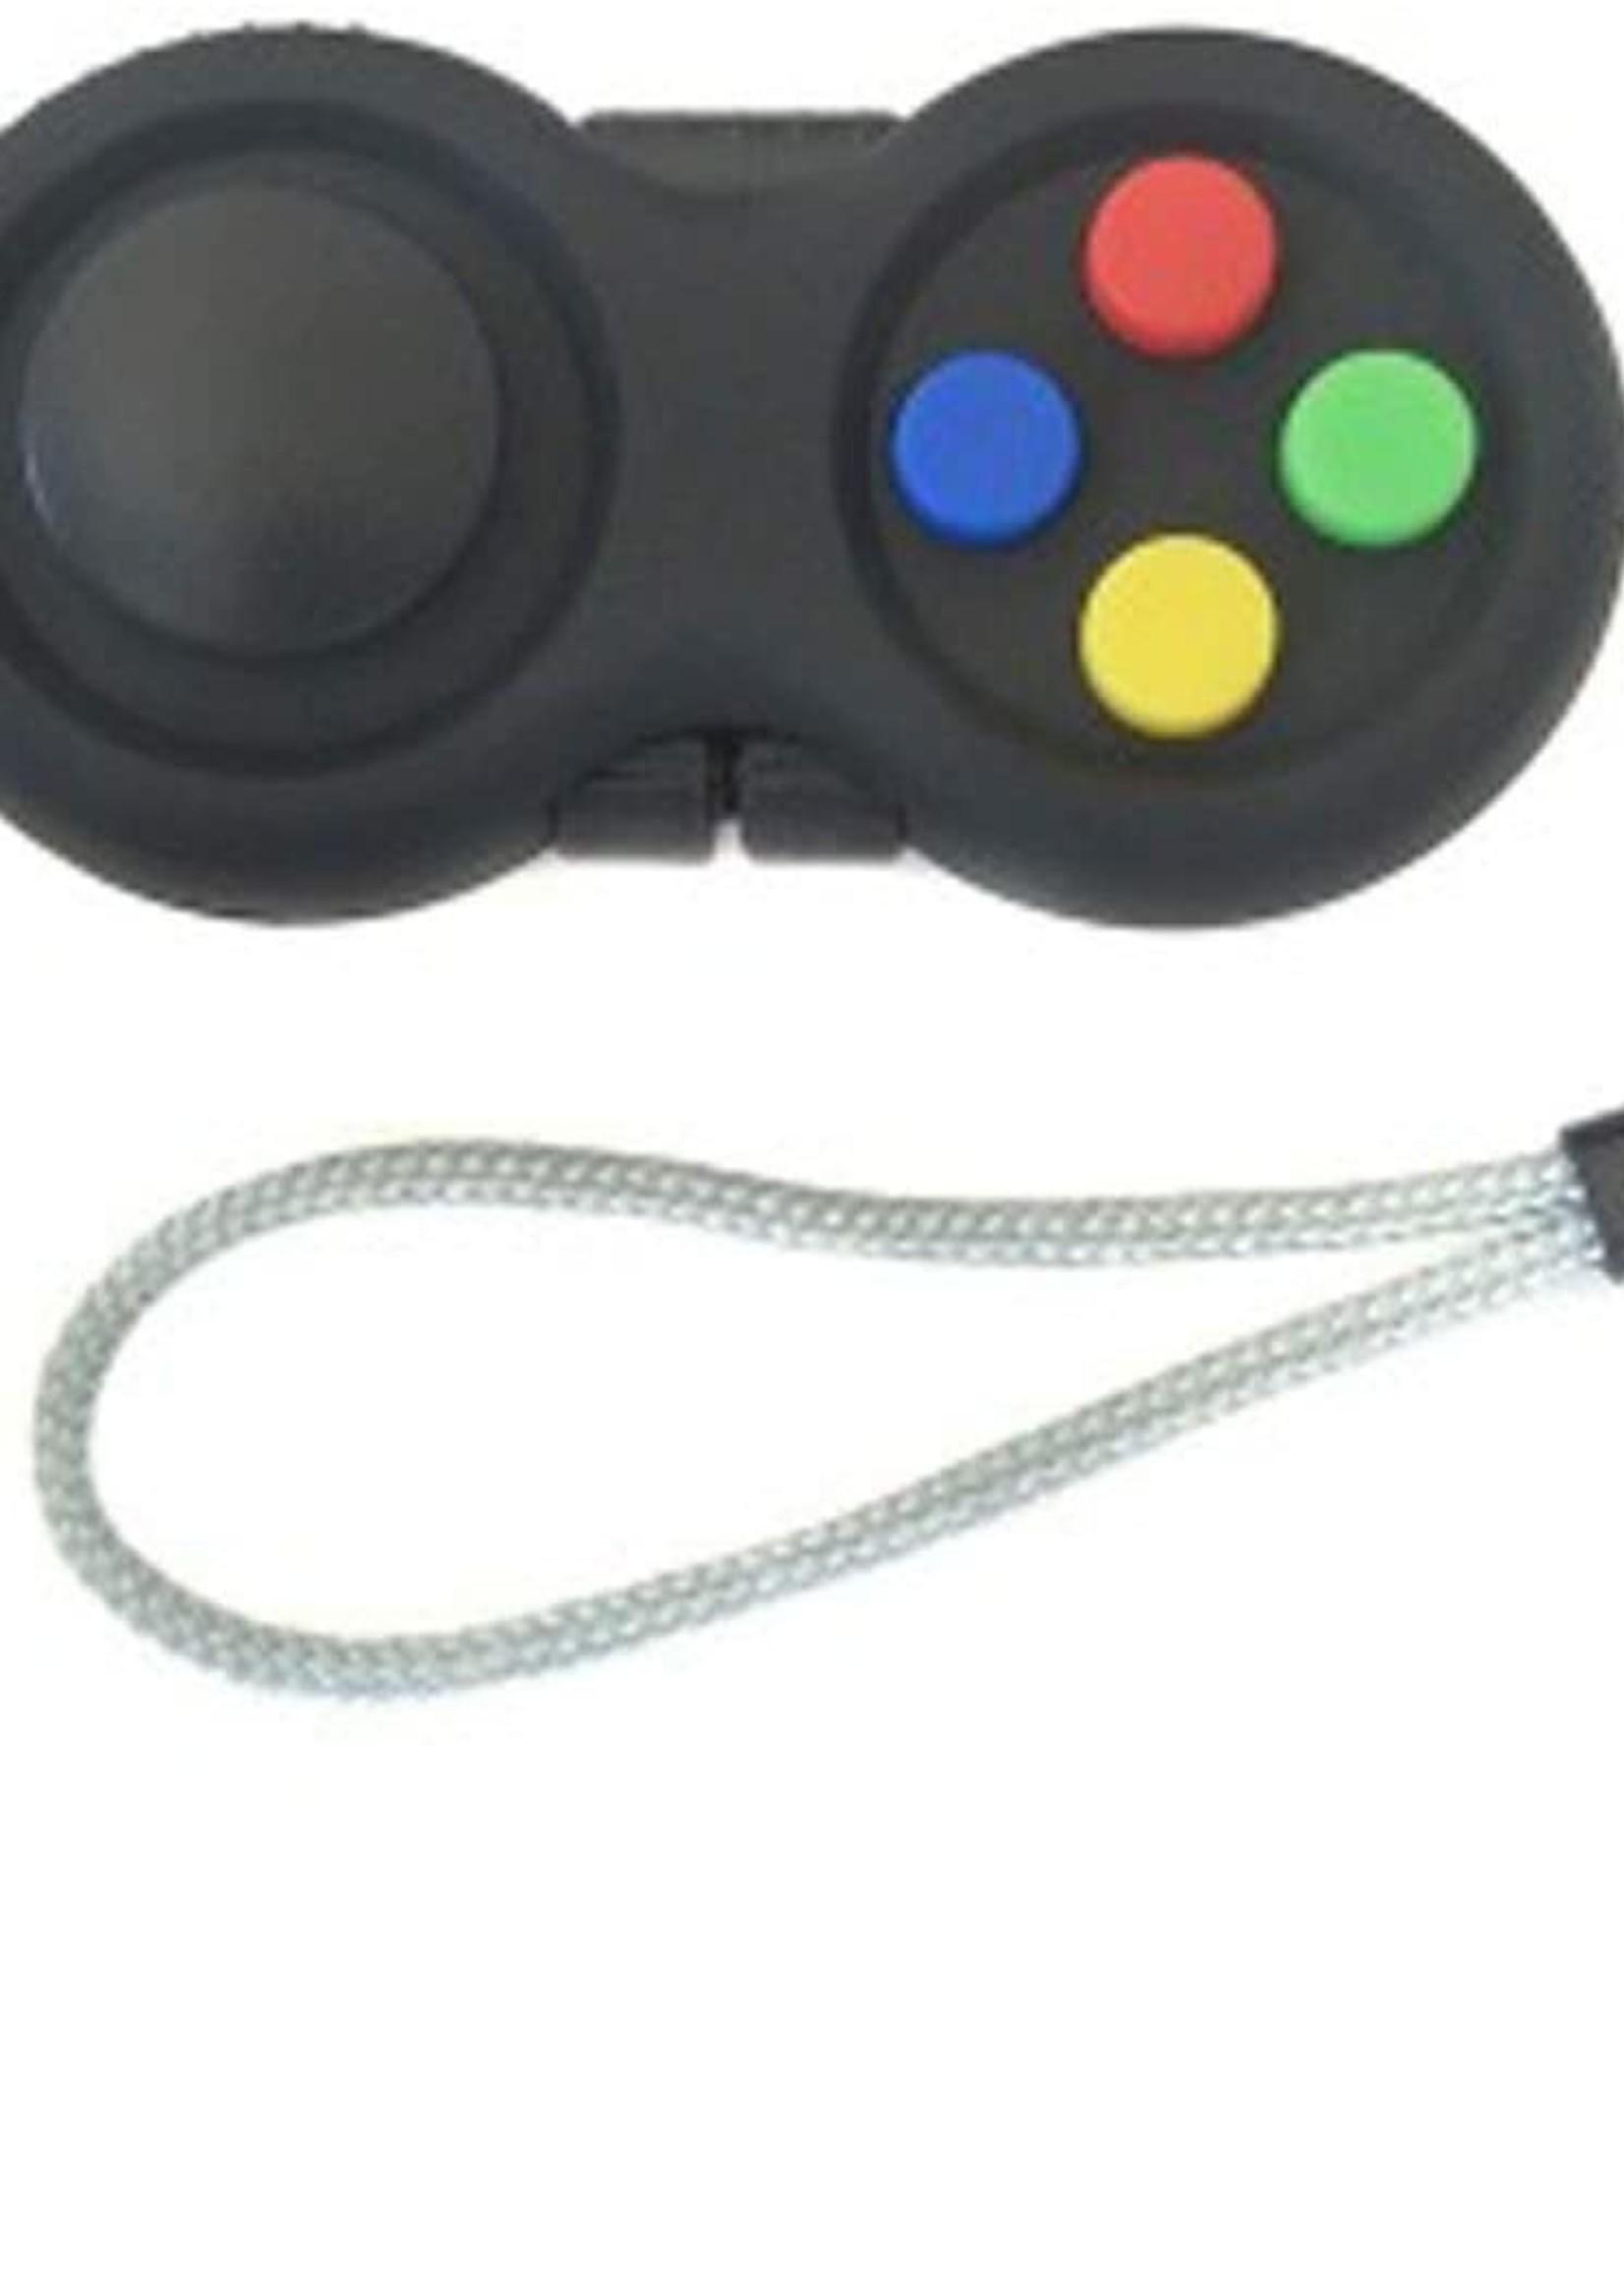 Fidget multi toy